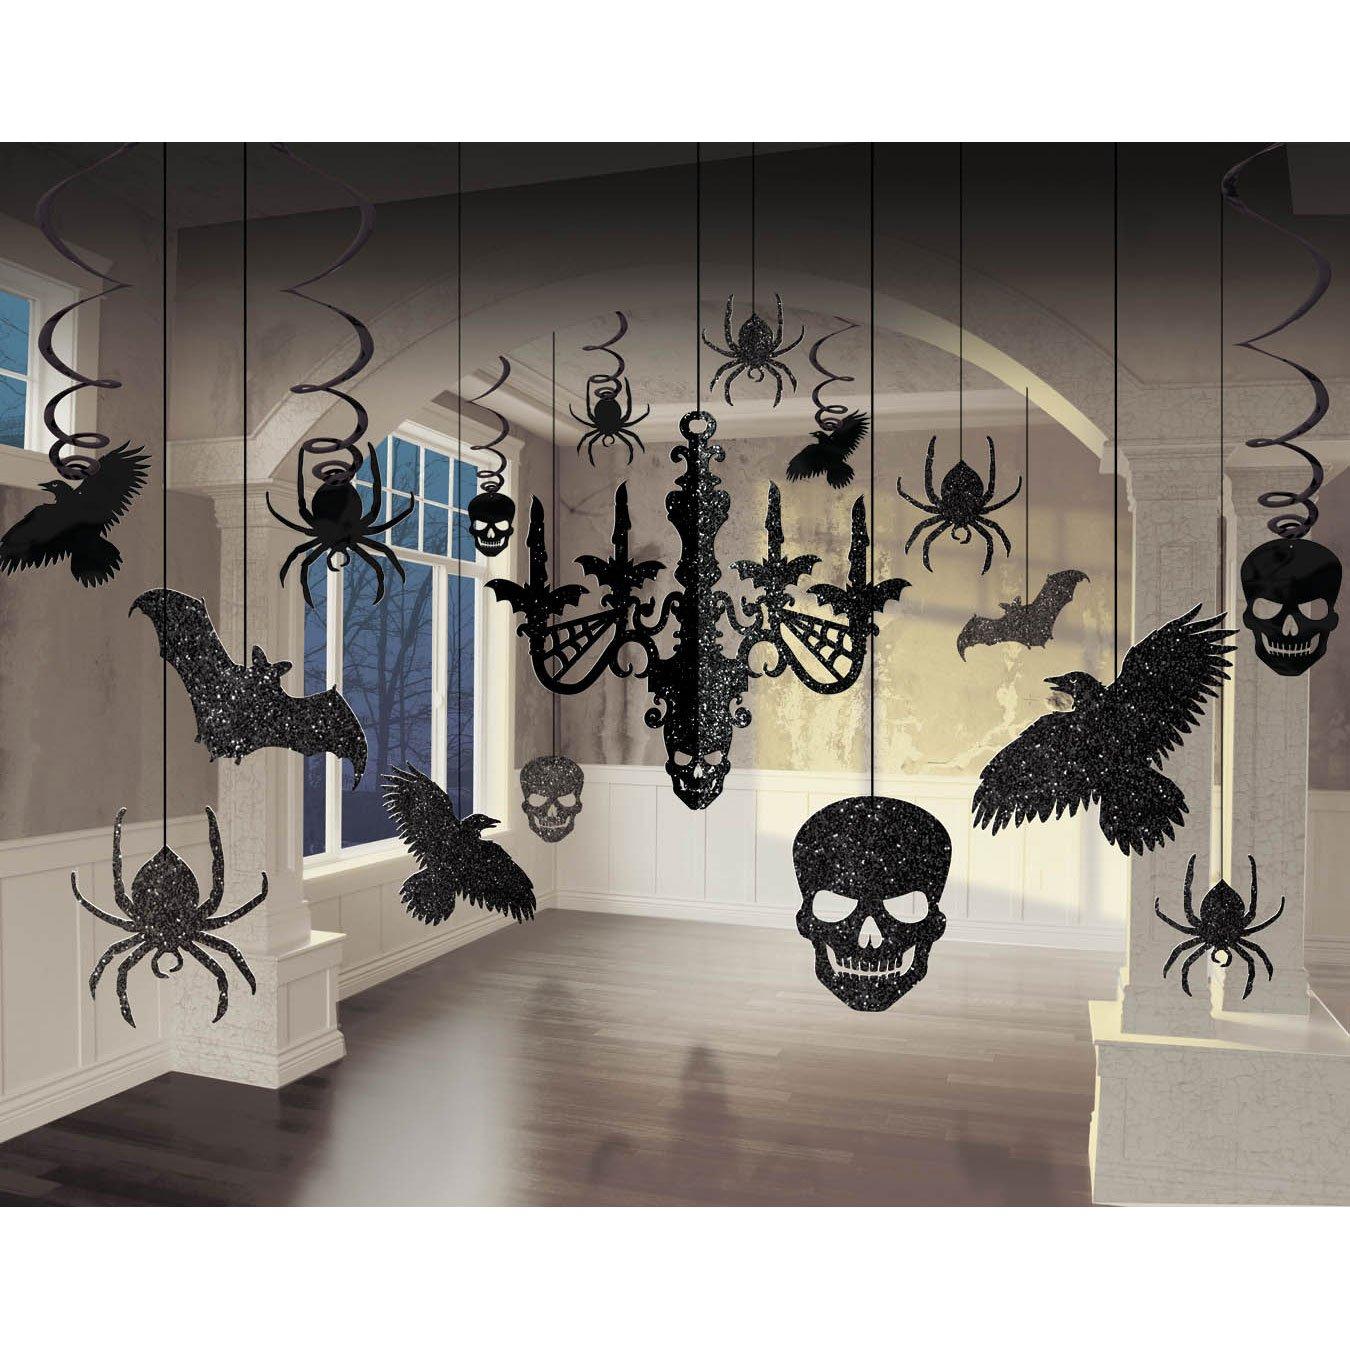 Halloweendeko zum Aufhängen günstig bestellen